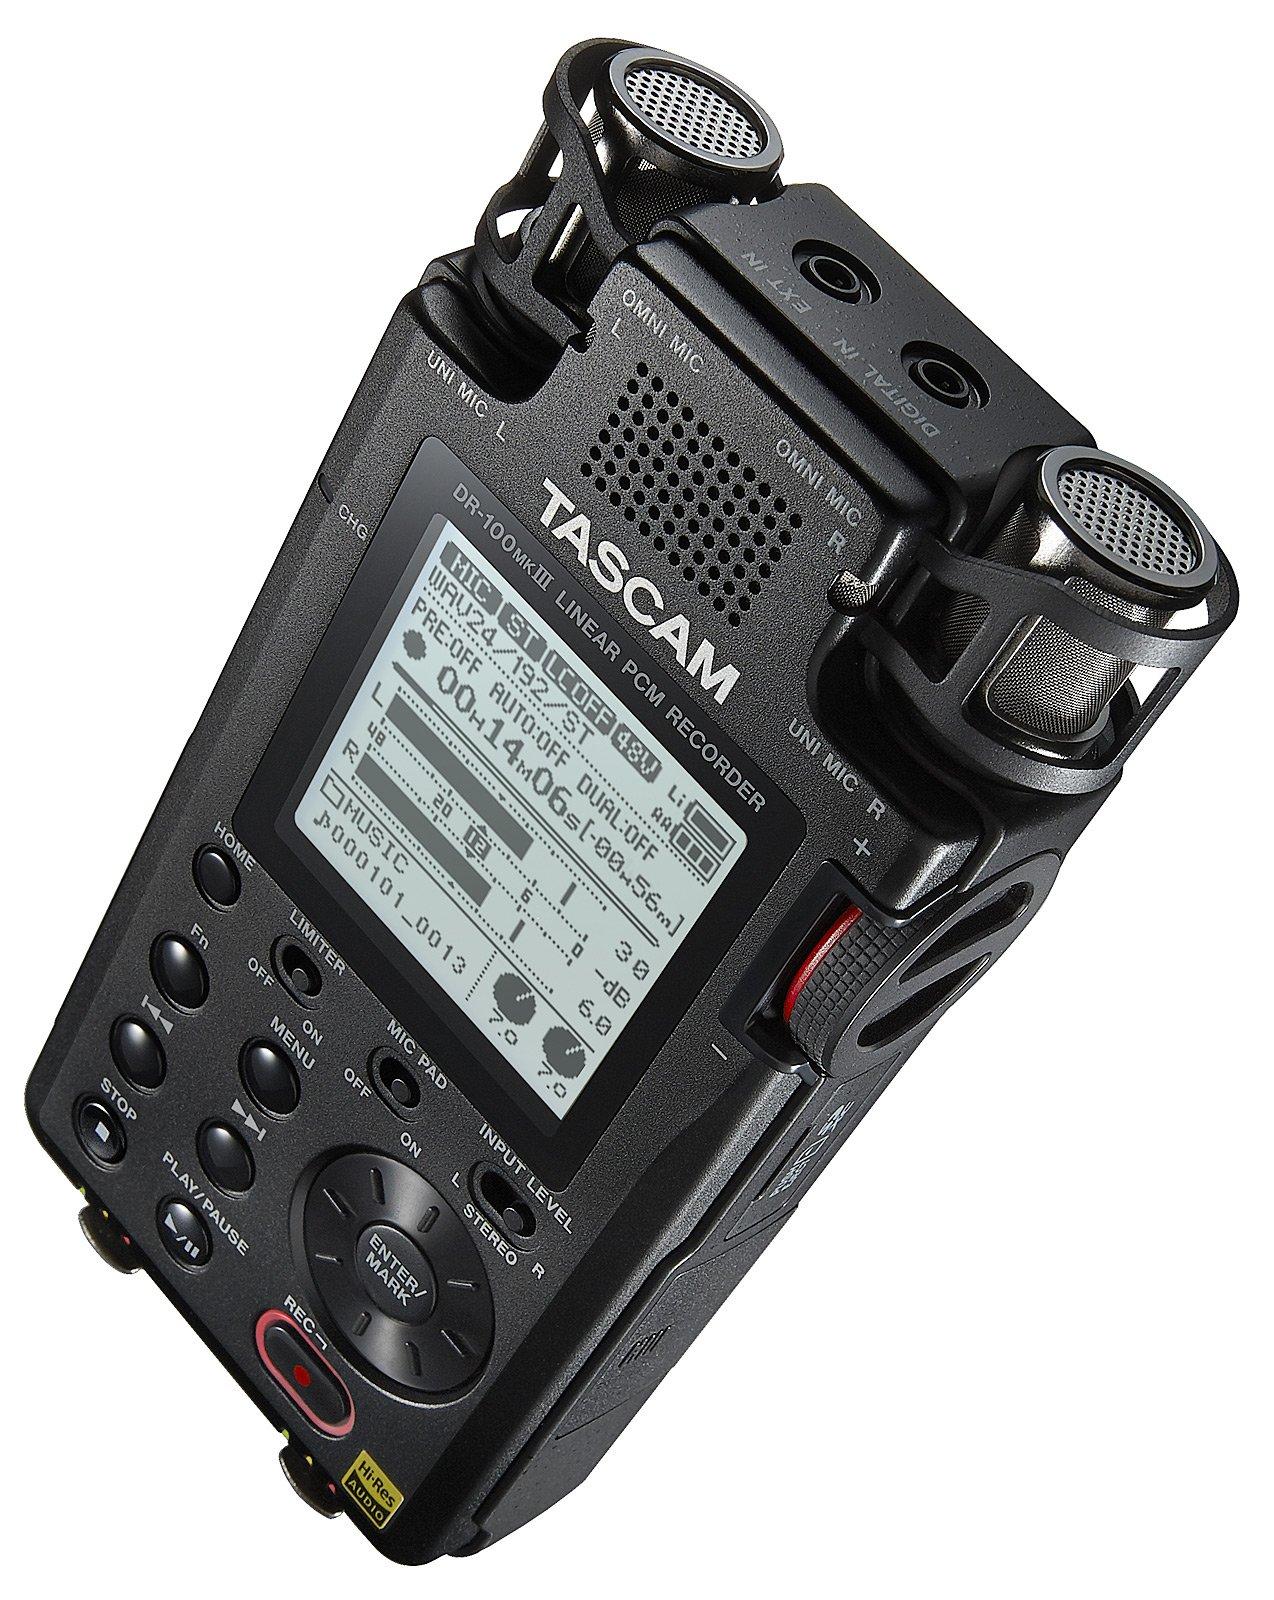 Tascam DR-100MKIII – Enregistreur portable pour utilisation professionnelle